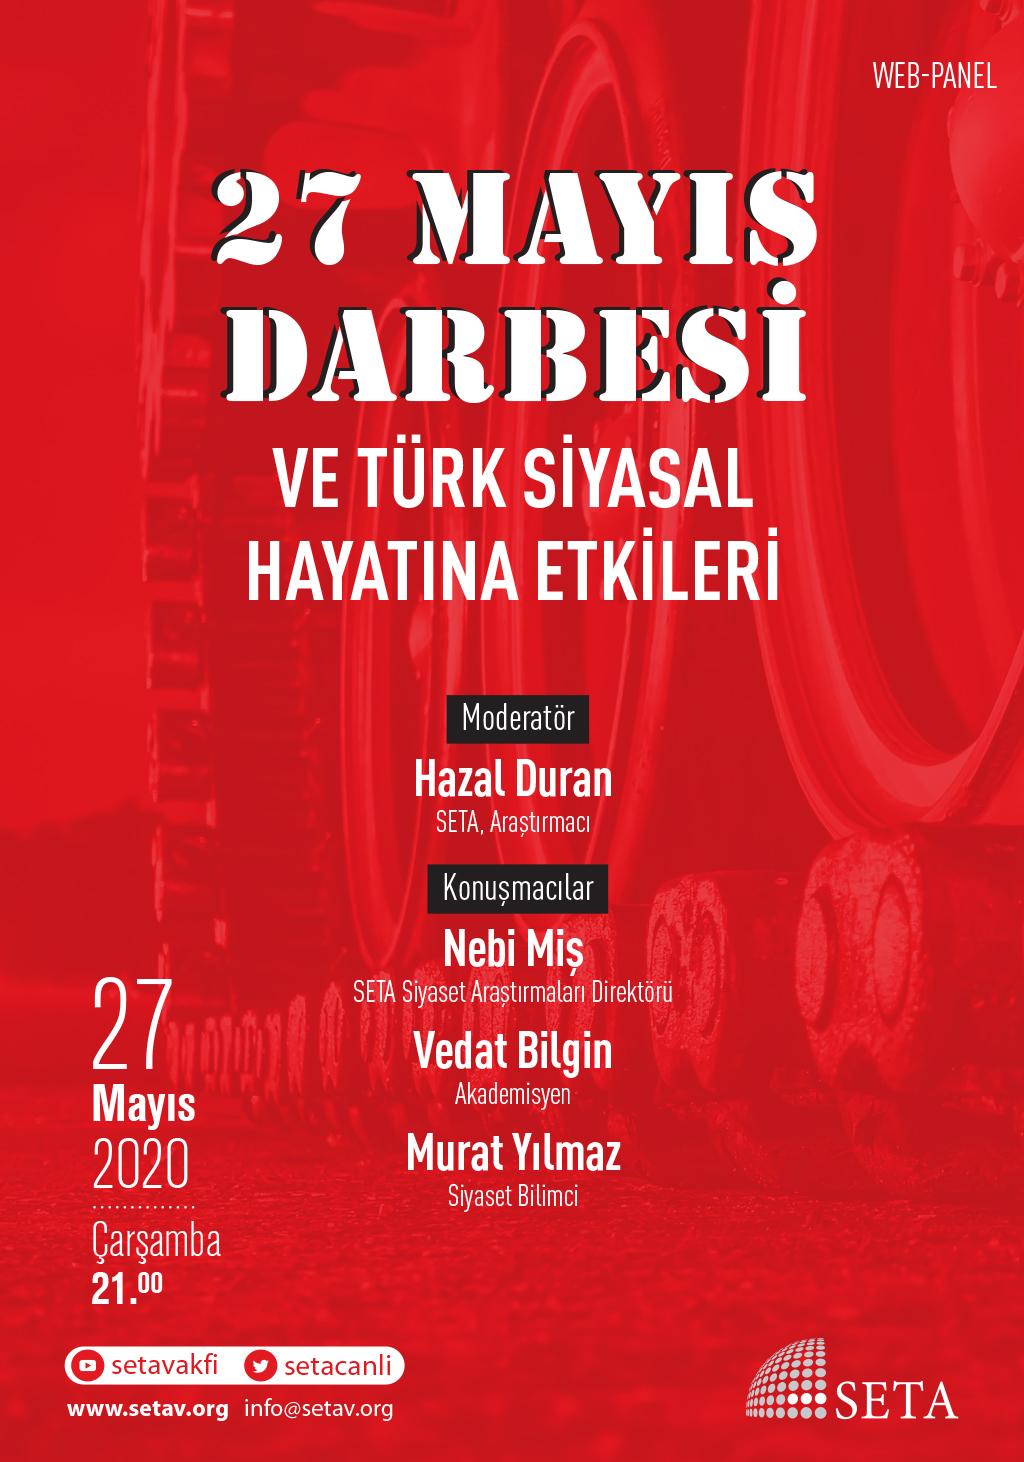 Web Panel: 27 Mayıs Darbesi ve Türk Siyasal Hayatına Etkileri